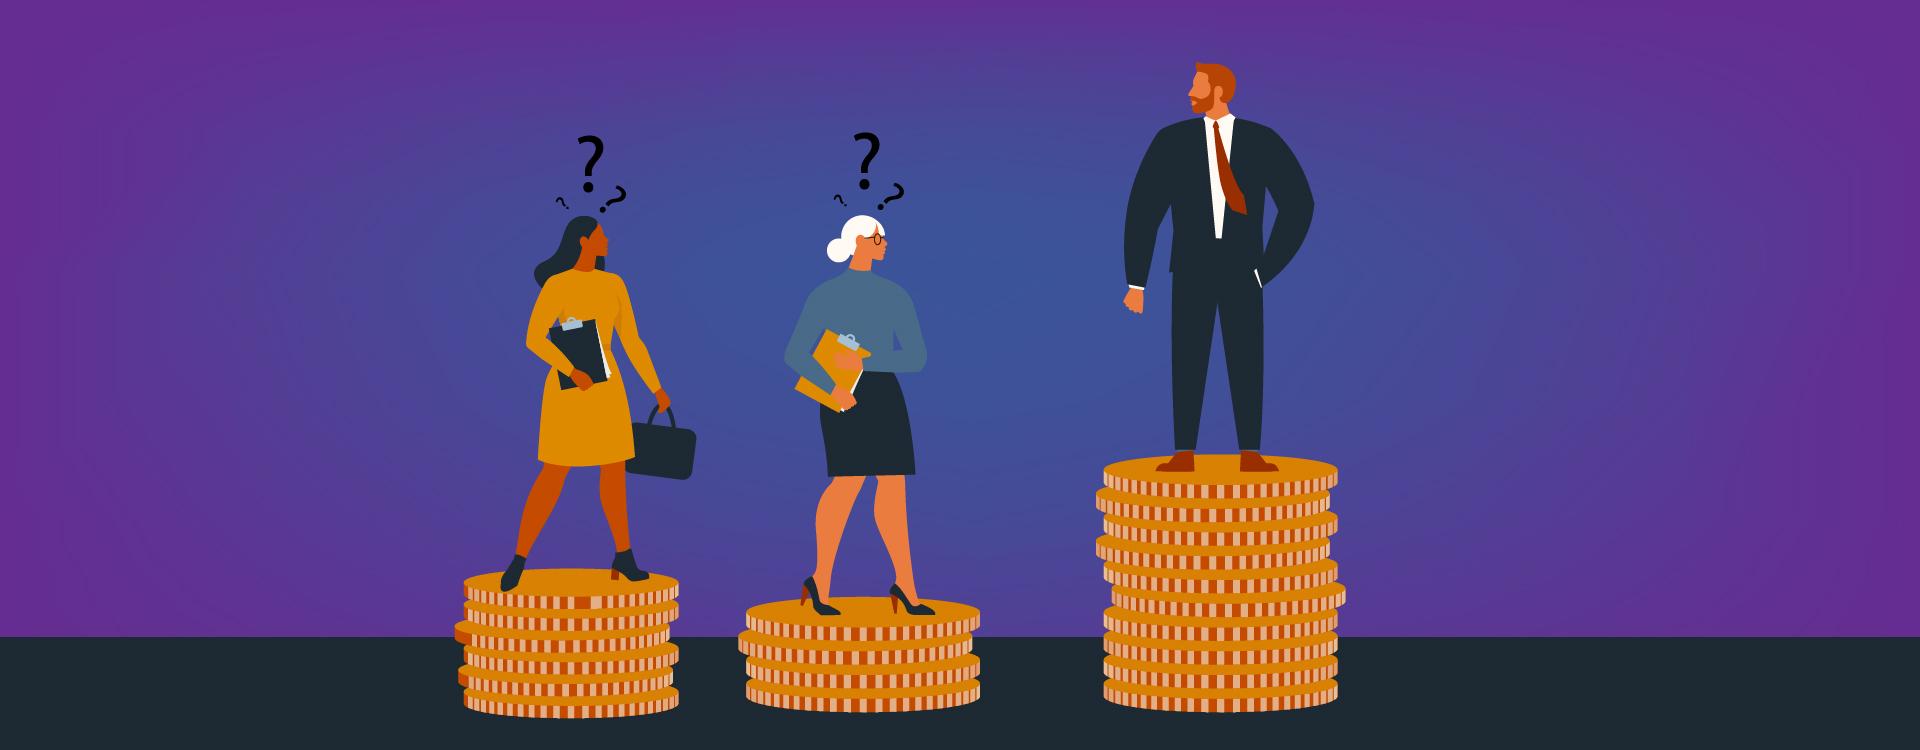 Wage gap between men and women in India